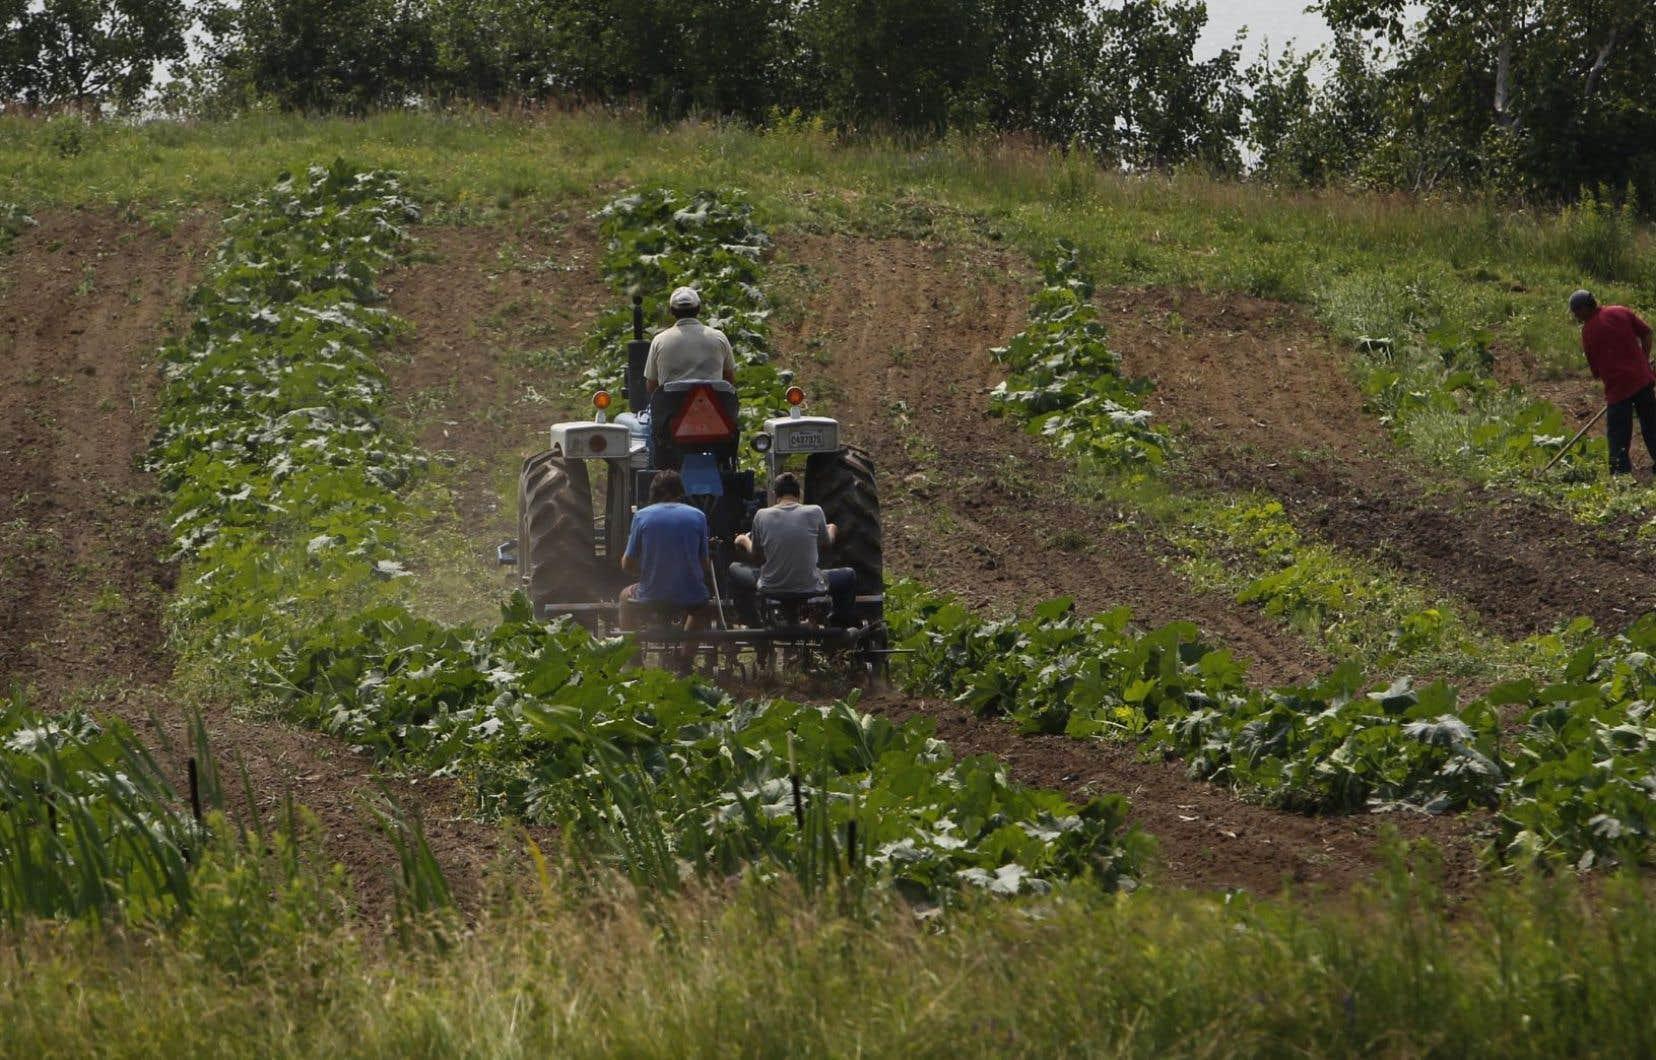 La zone agricole perd 4000 hectares par année au dézonage pour le développement de toute nature, soit l'équivalent de la superficie de l'île de Montréal à tous les 10 ans.